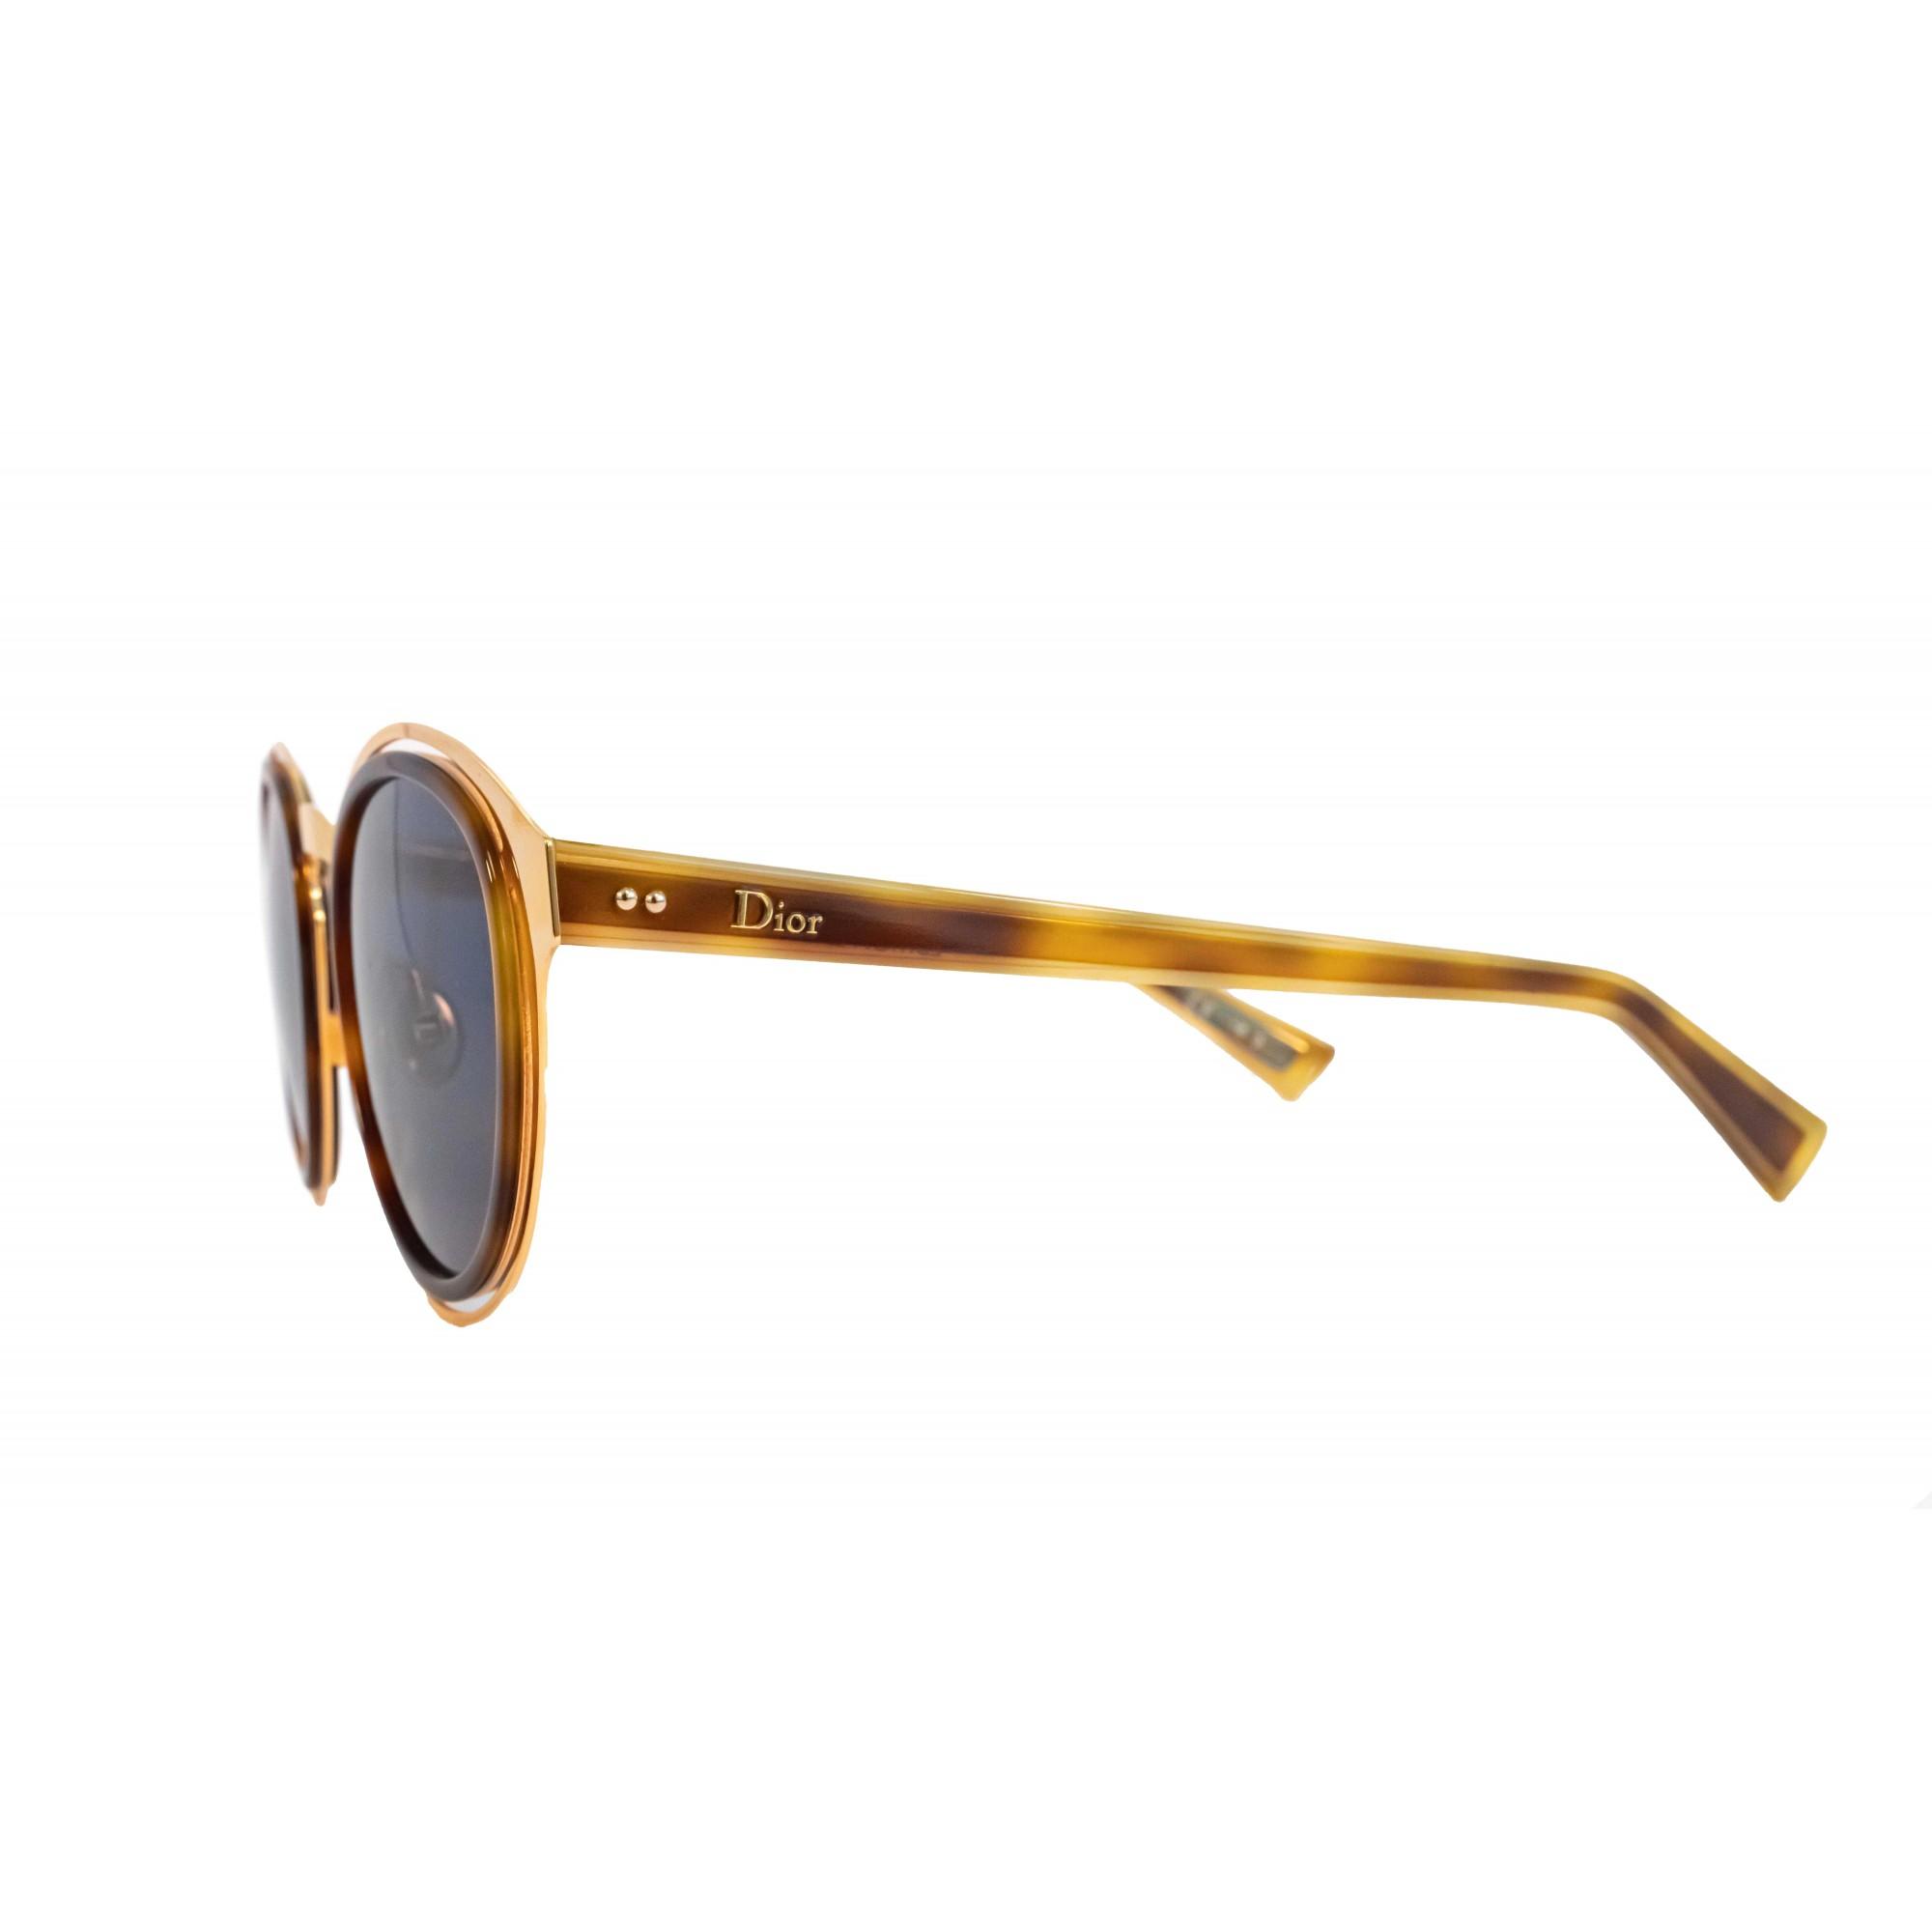 Óculos Dior Redondo Obscure 06jku 49 Dourado